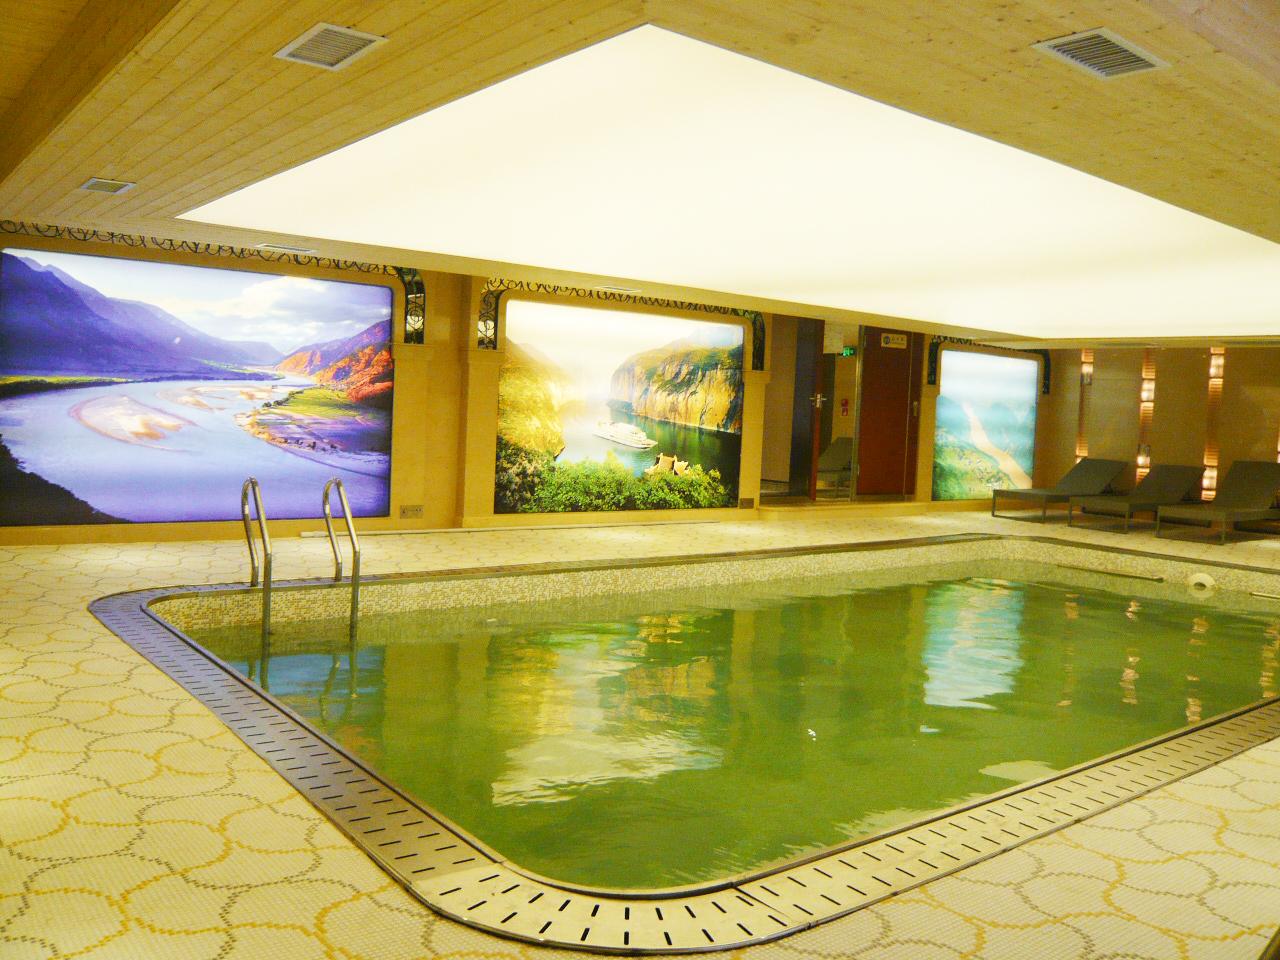 室内恒温游泳池 Indoor Pool